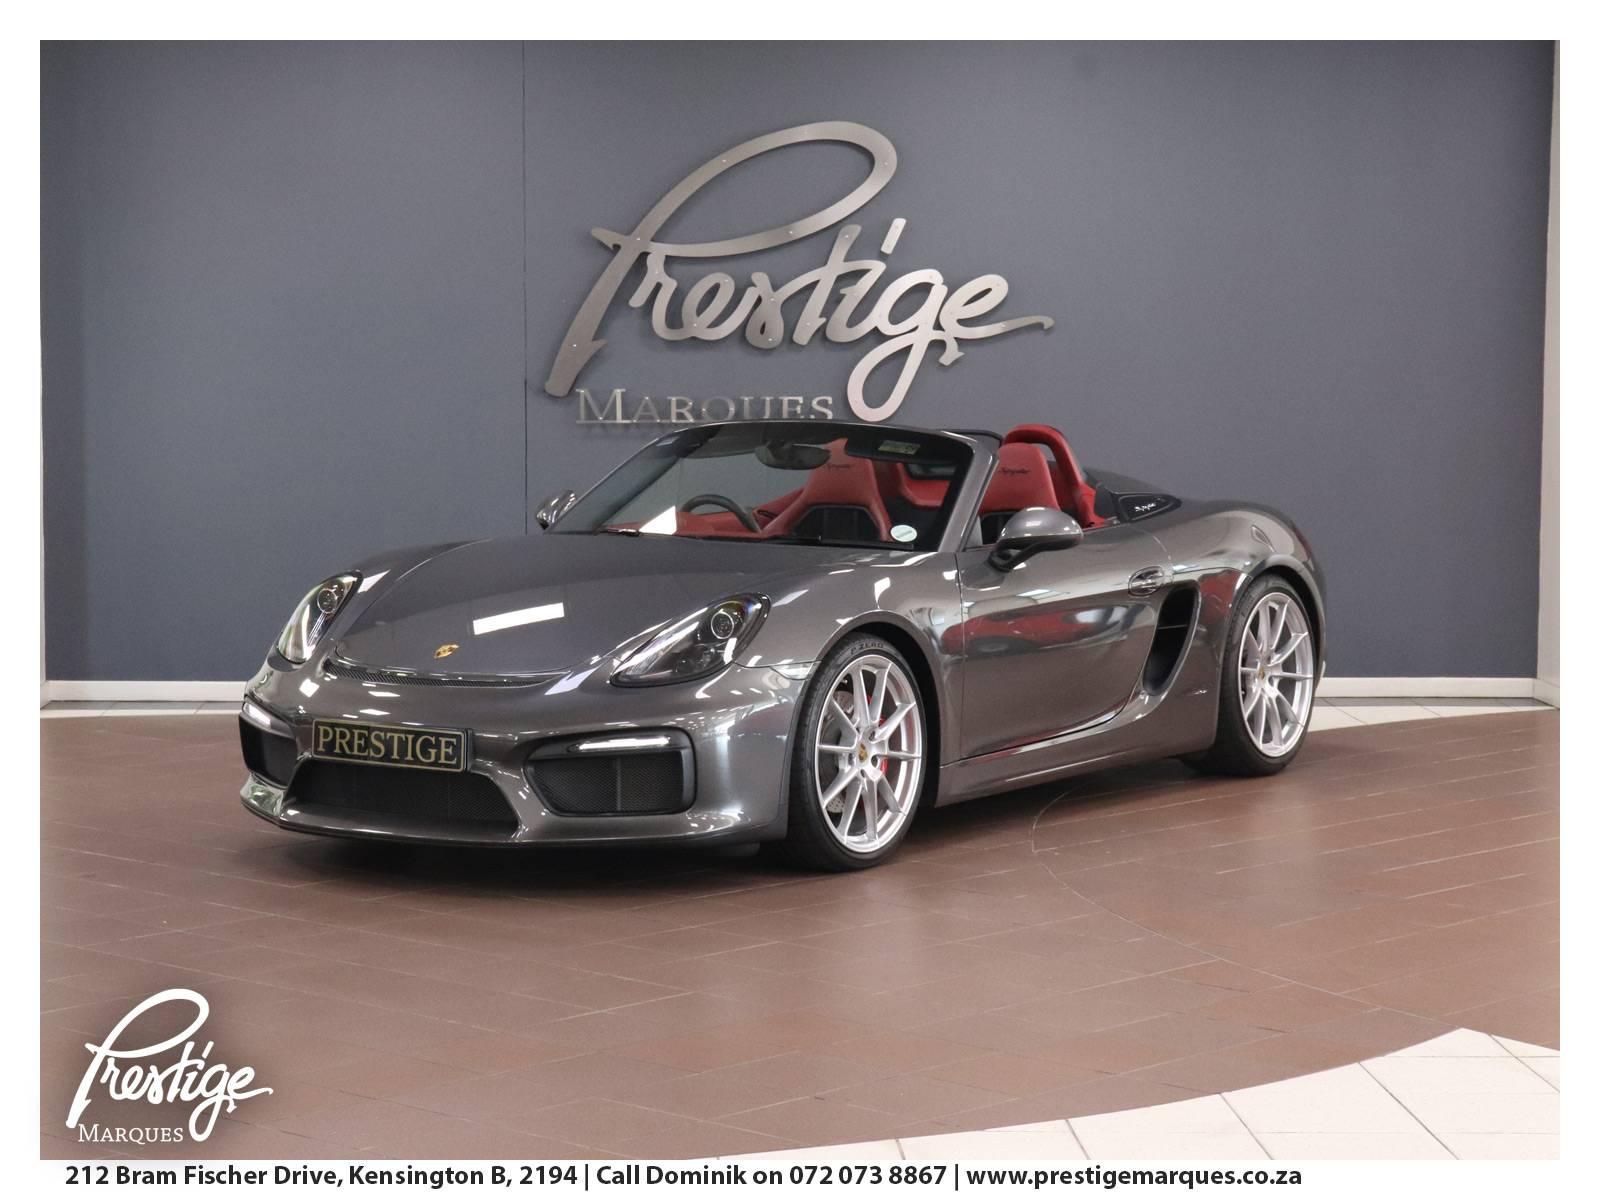 2016-Porsche-Spyder-Prestige-Marques-Ranburg-Sandton-7